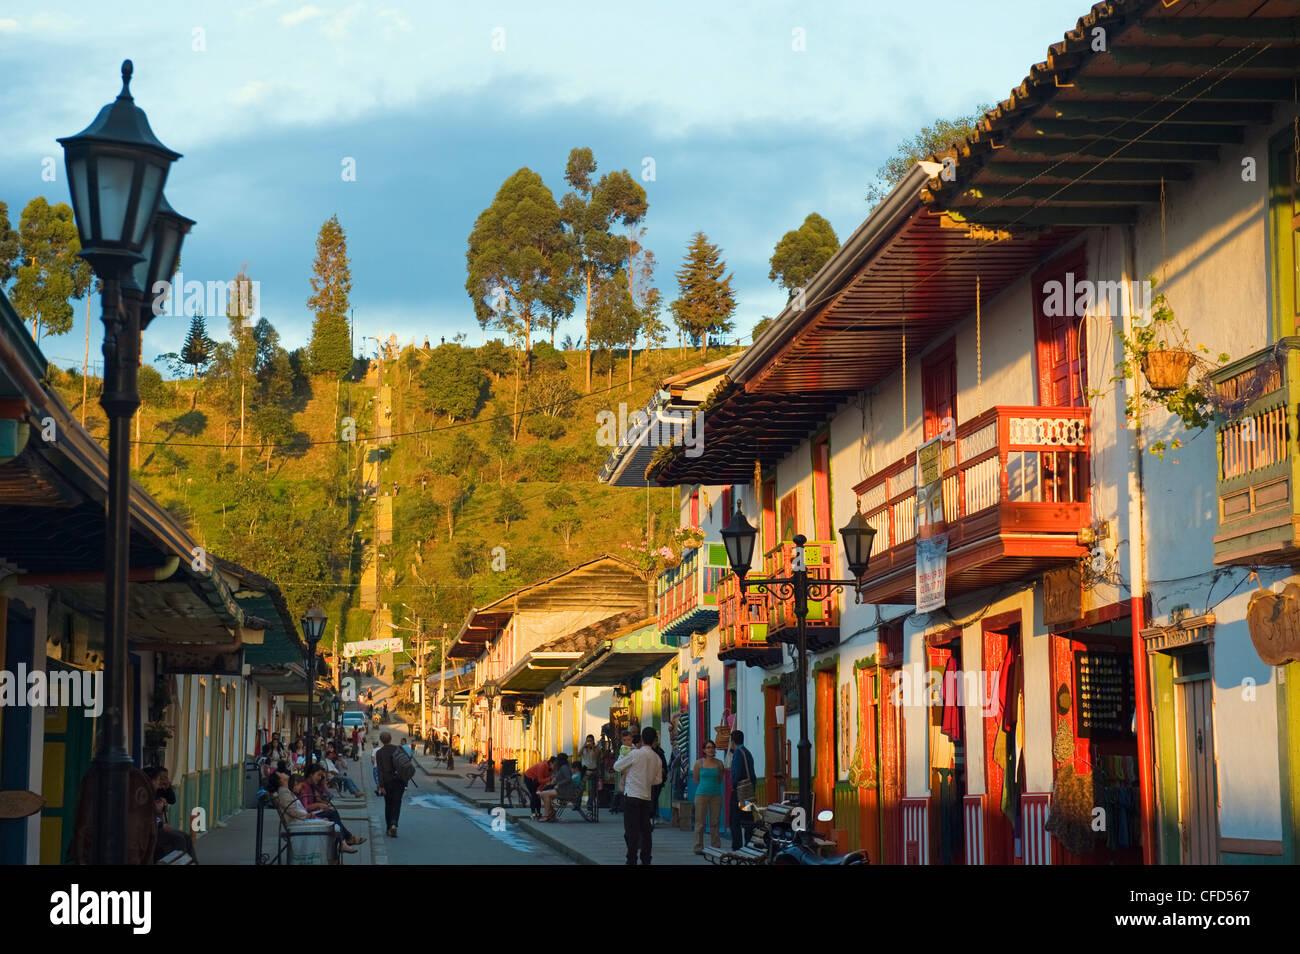 Case colorate, Salento, Colombia, Sud America Immagini Stock